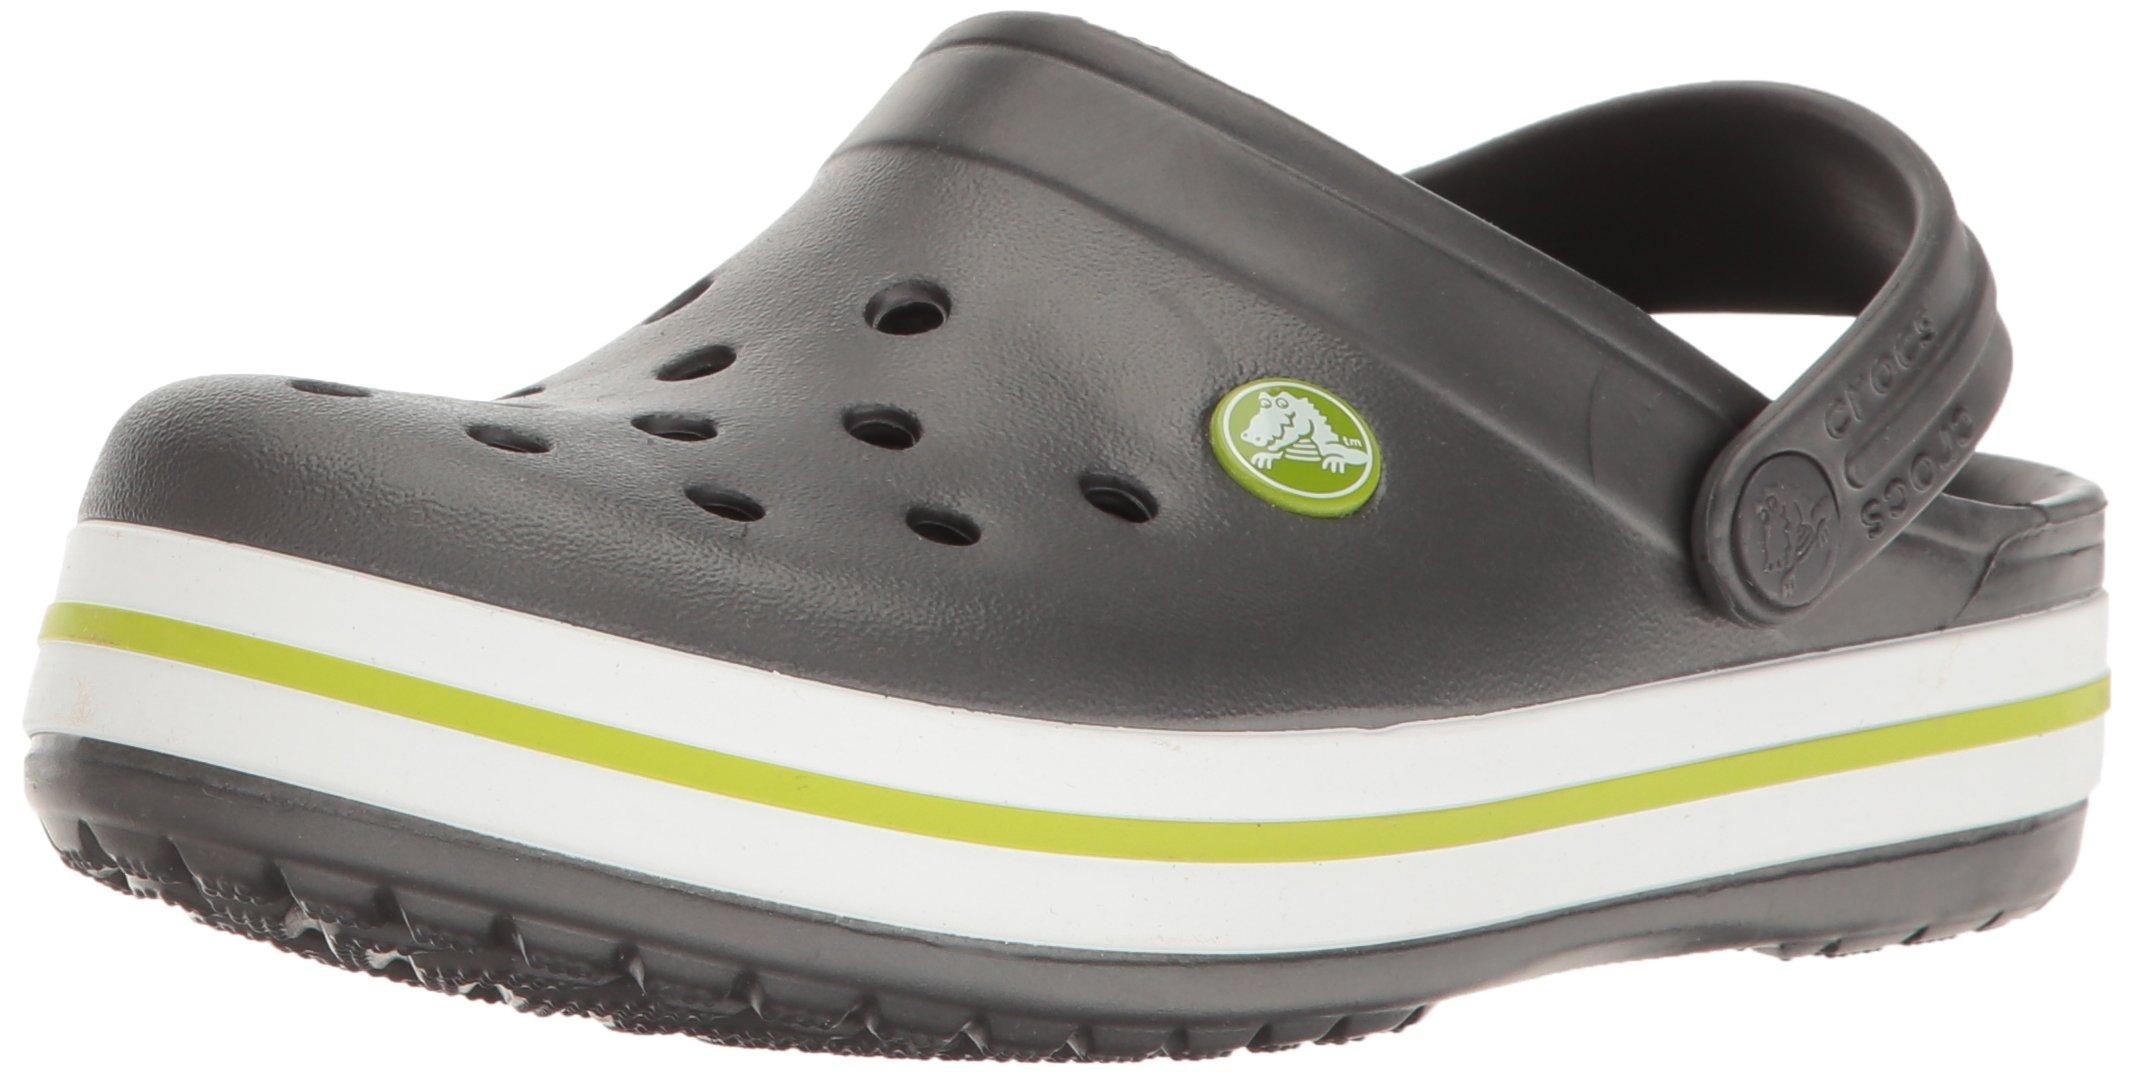 Crocs Kids' Crocband Clog, Graphite/Volt Green, 9 M US Toddler